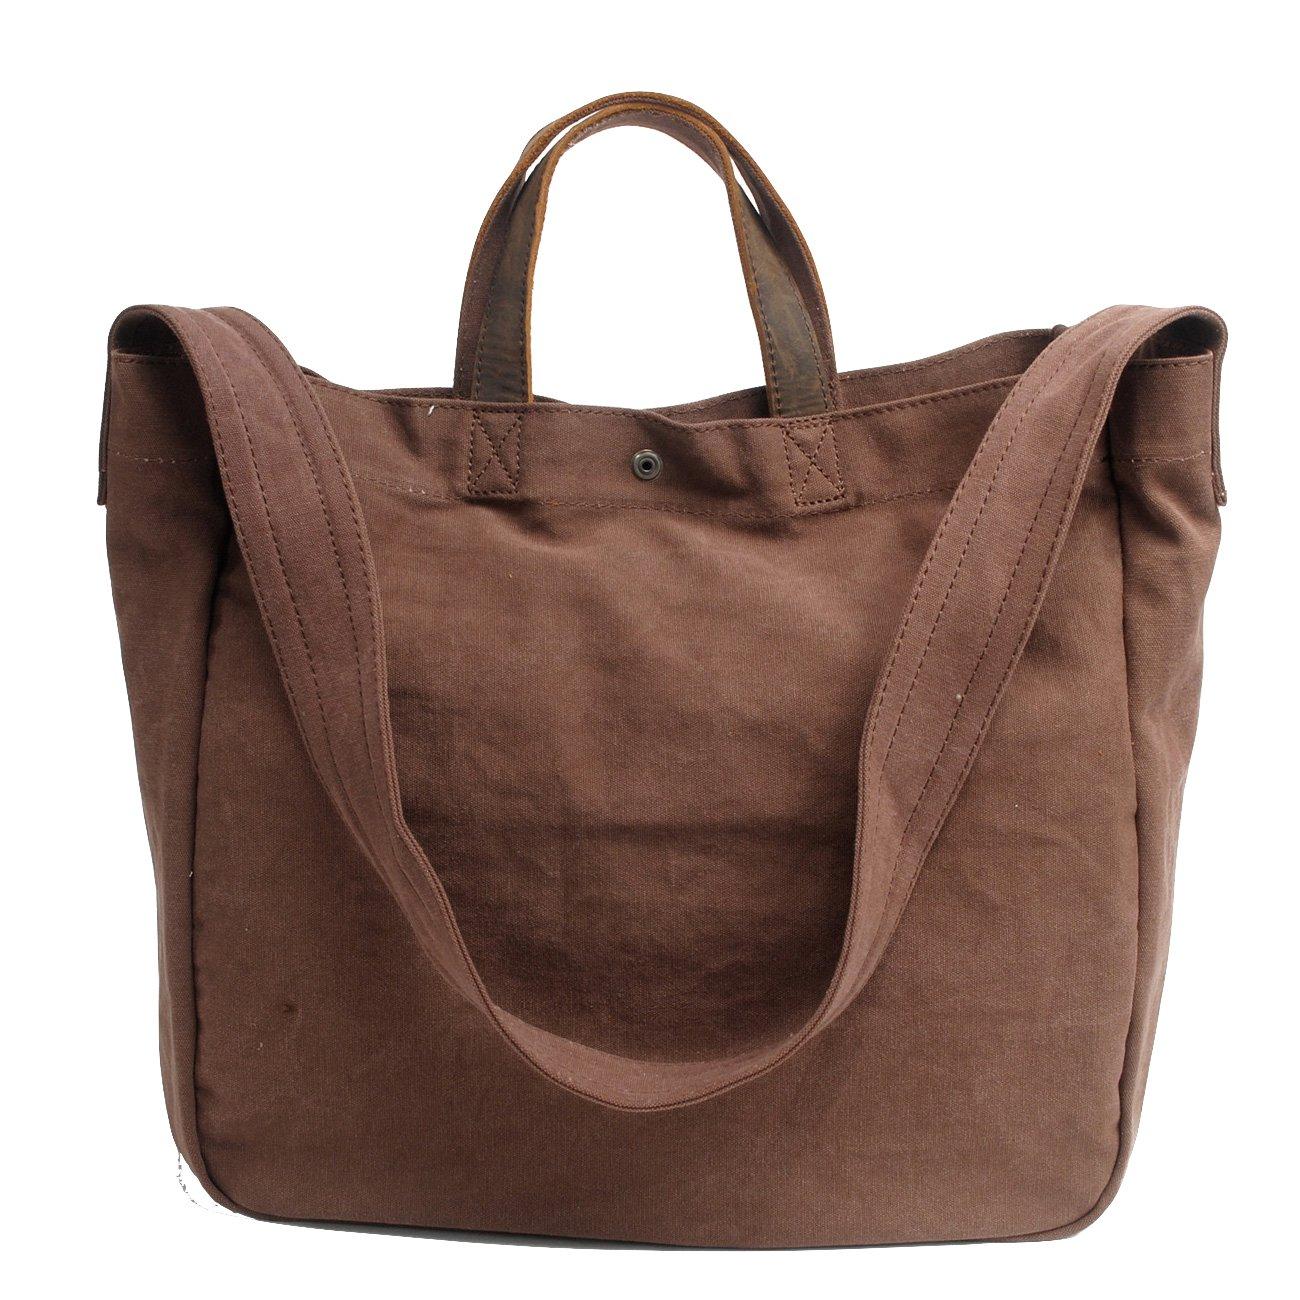 Canvas Tote Bag Shoulder Bag Crossbody Bag Heavy Duty Travel Bag For Men And Women Leather Handle Shoulder Strap (Earth)